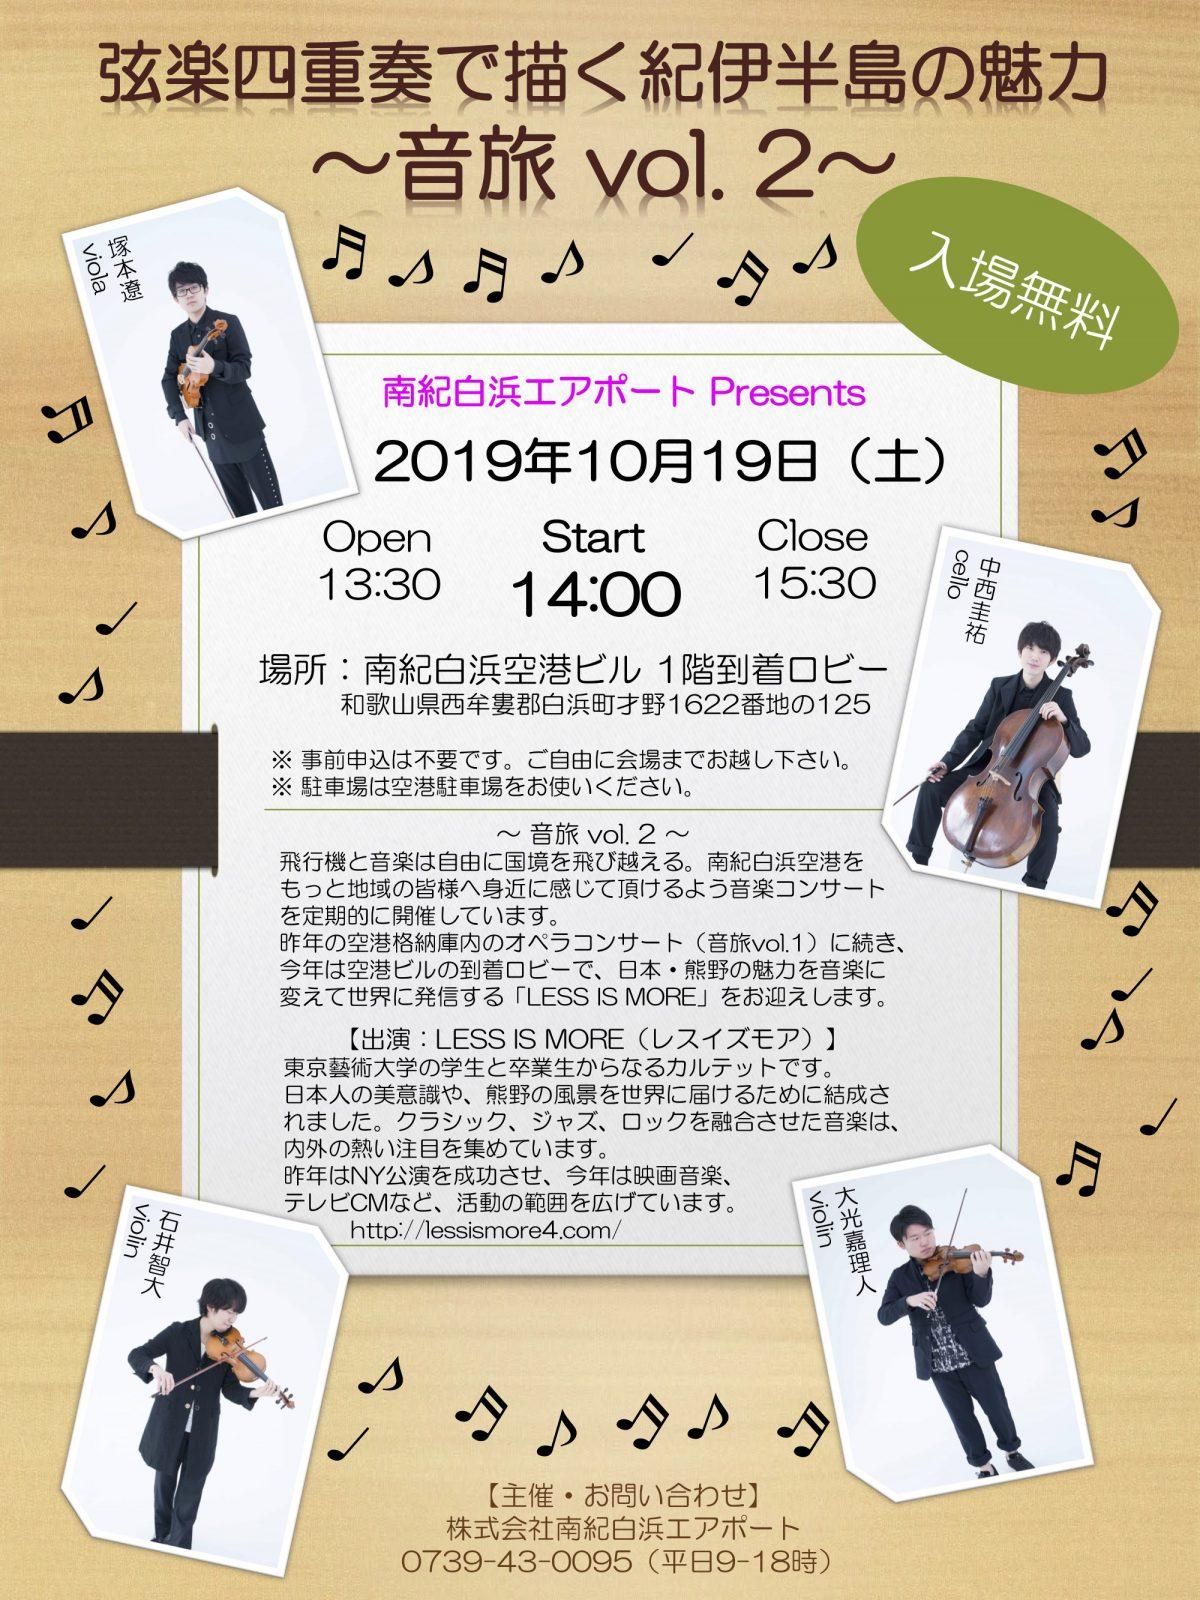 10/19、南紀白浜空港にて、東京藝術大学の在学生、卒業生からなるカルテット「LESS IS MORE(レスイズモア)」のコンサートが開催